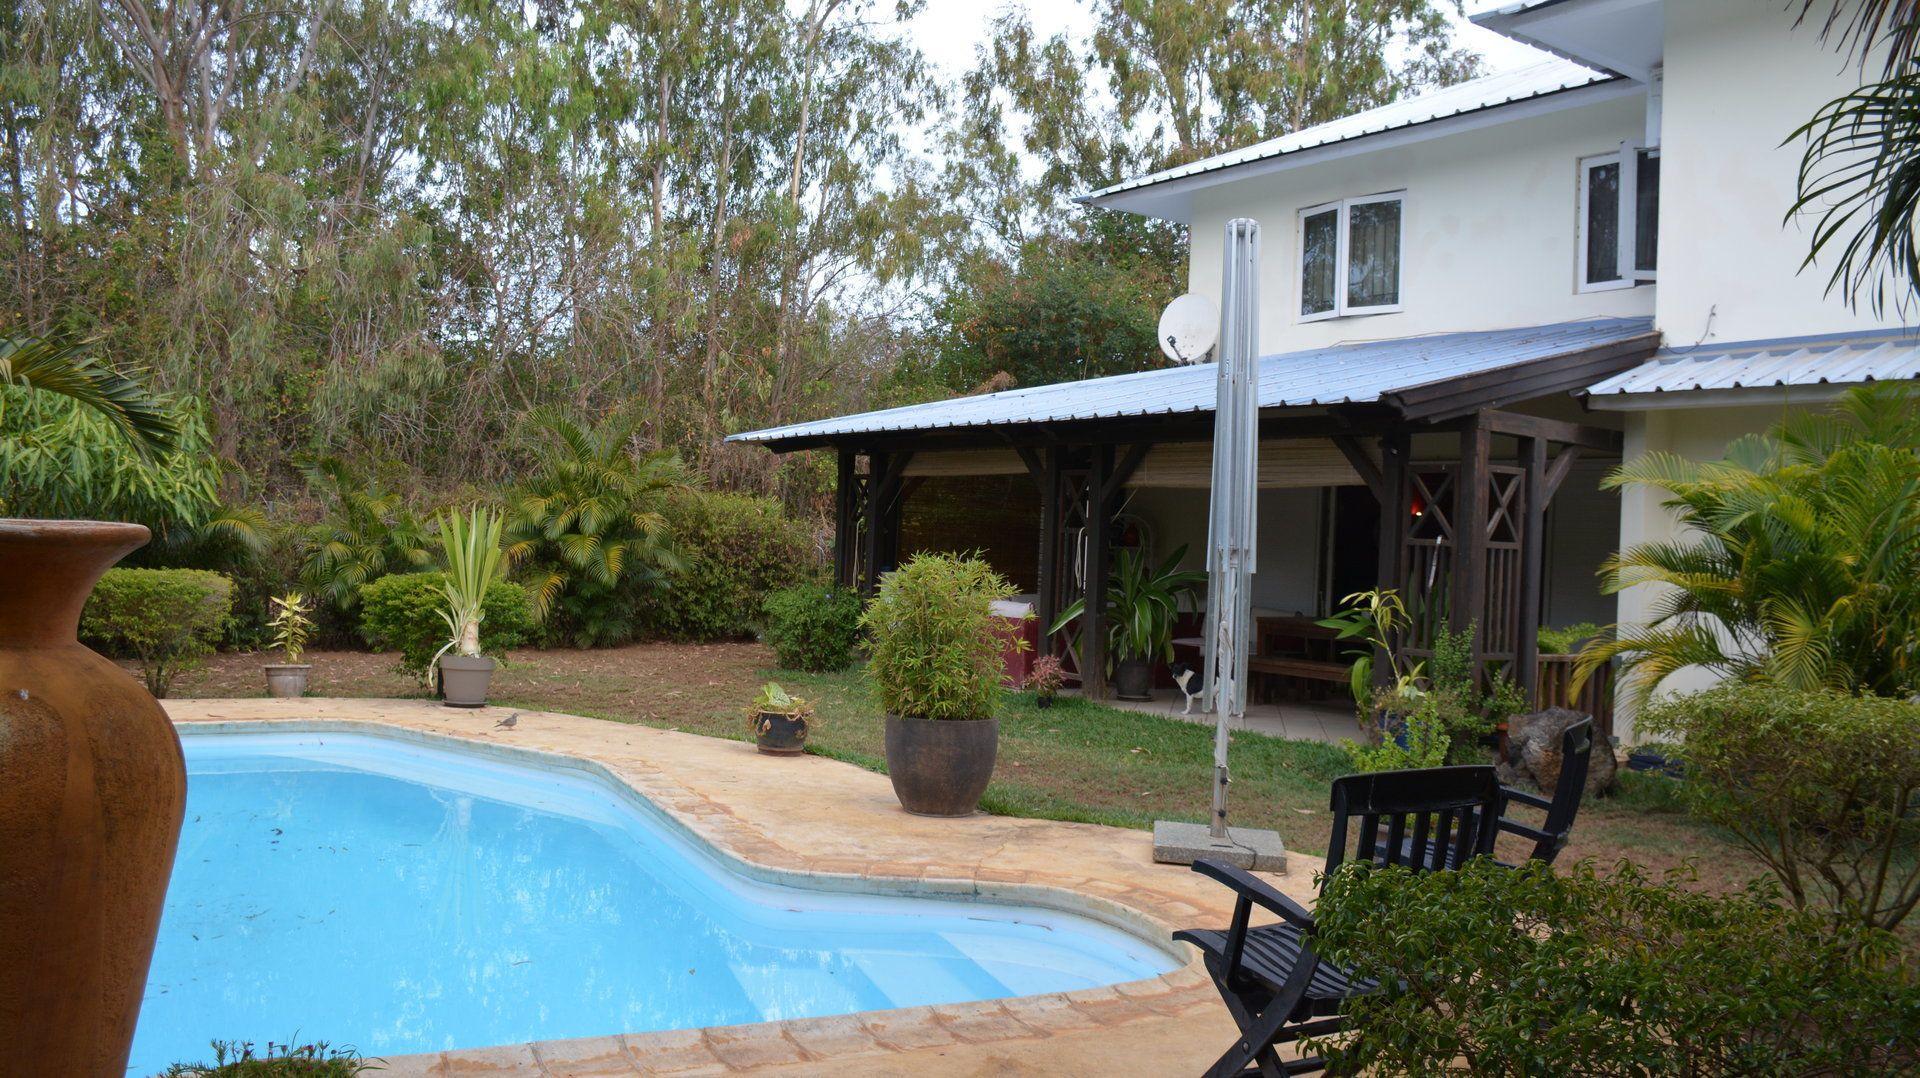 Maison à louer 7 720m2 à Ile Maurice vignette-1